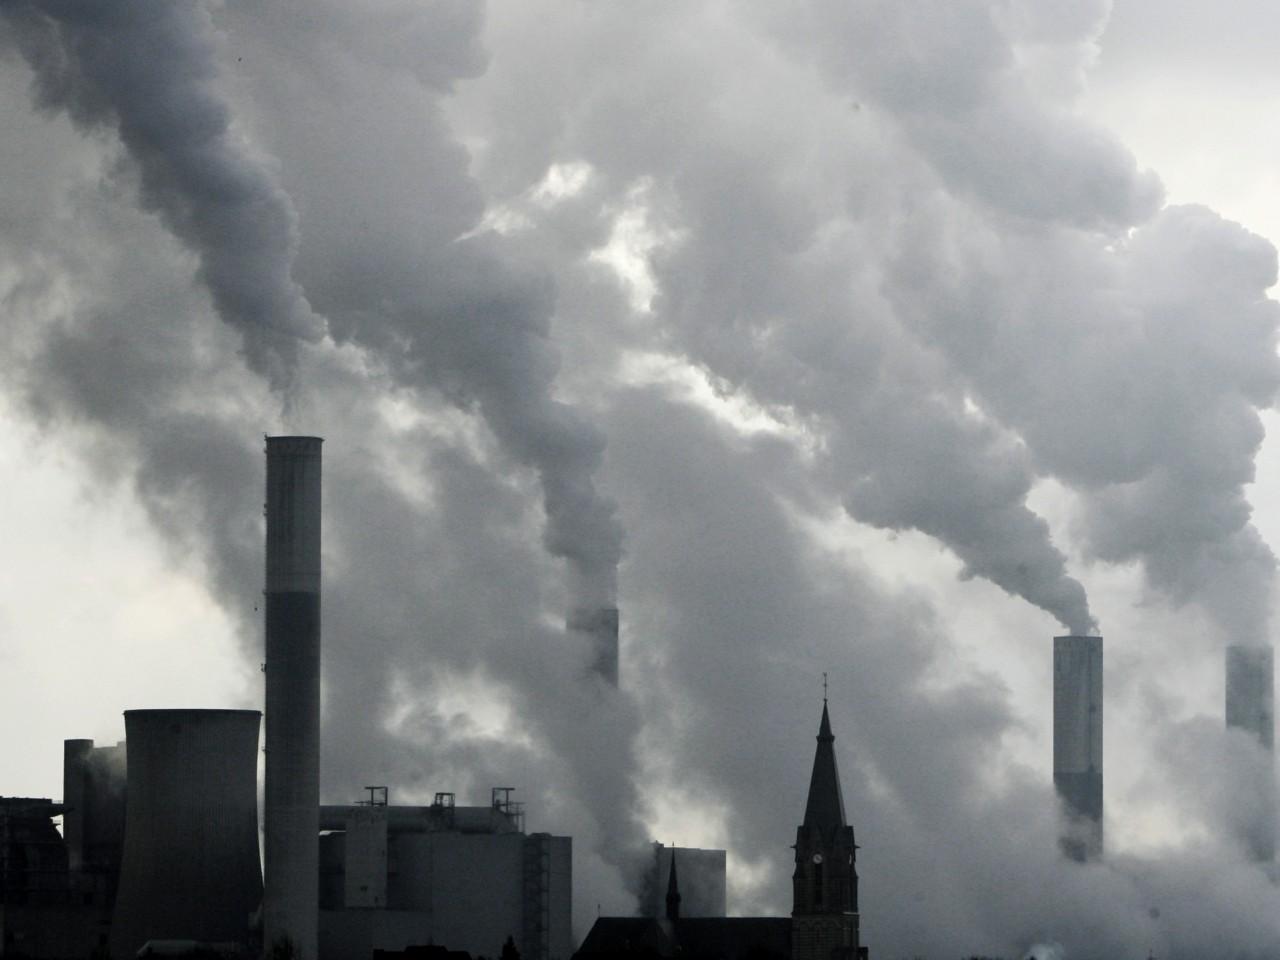 지구 온난화와 녹색 도시